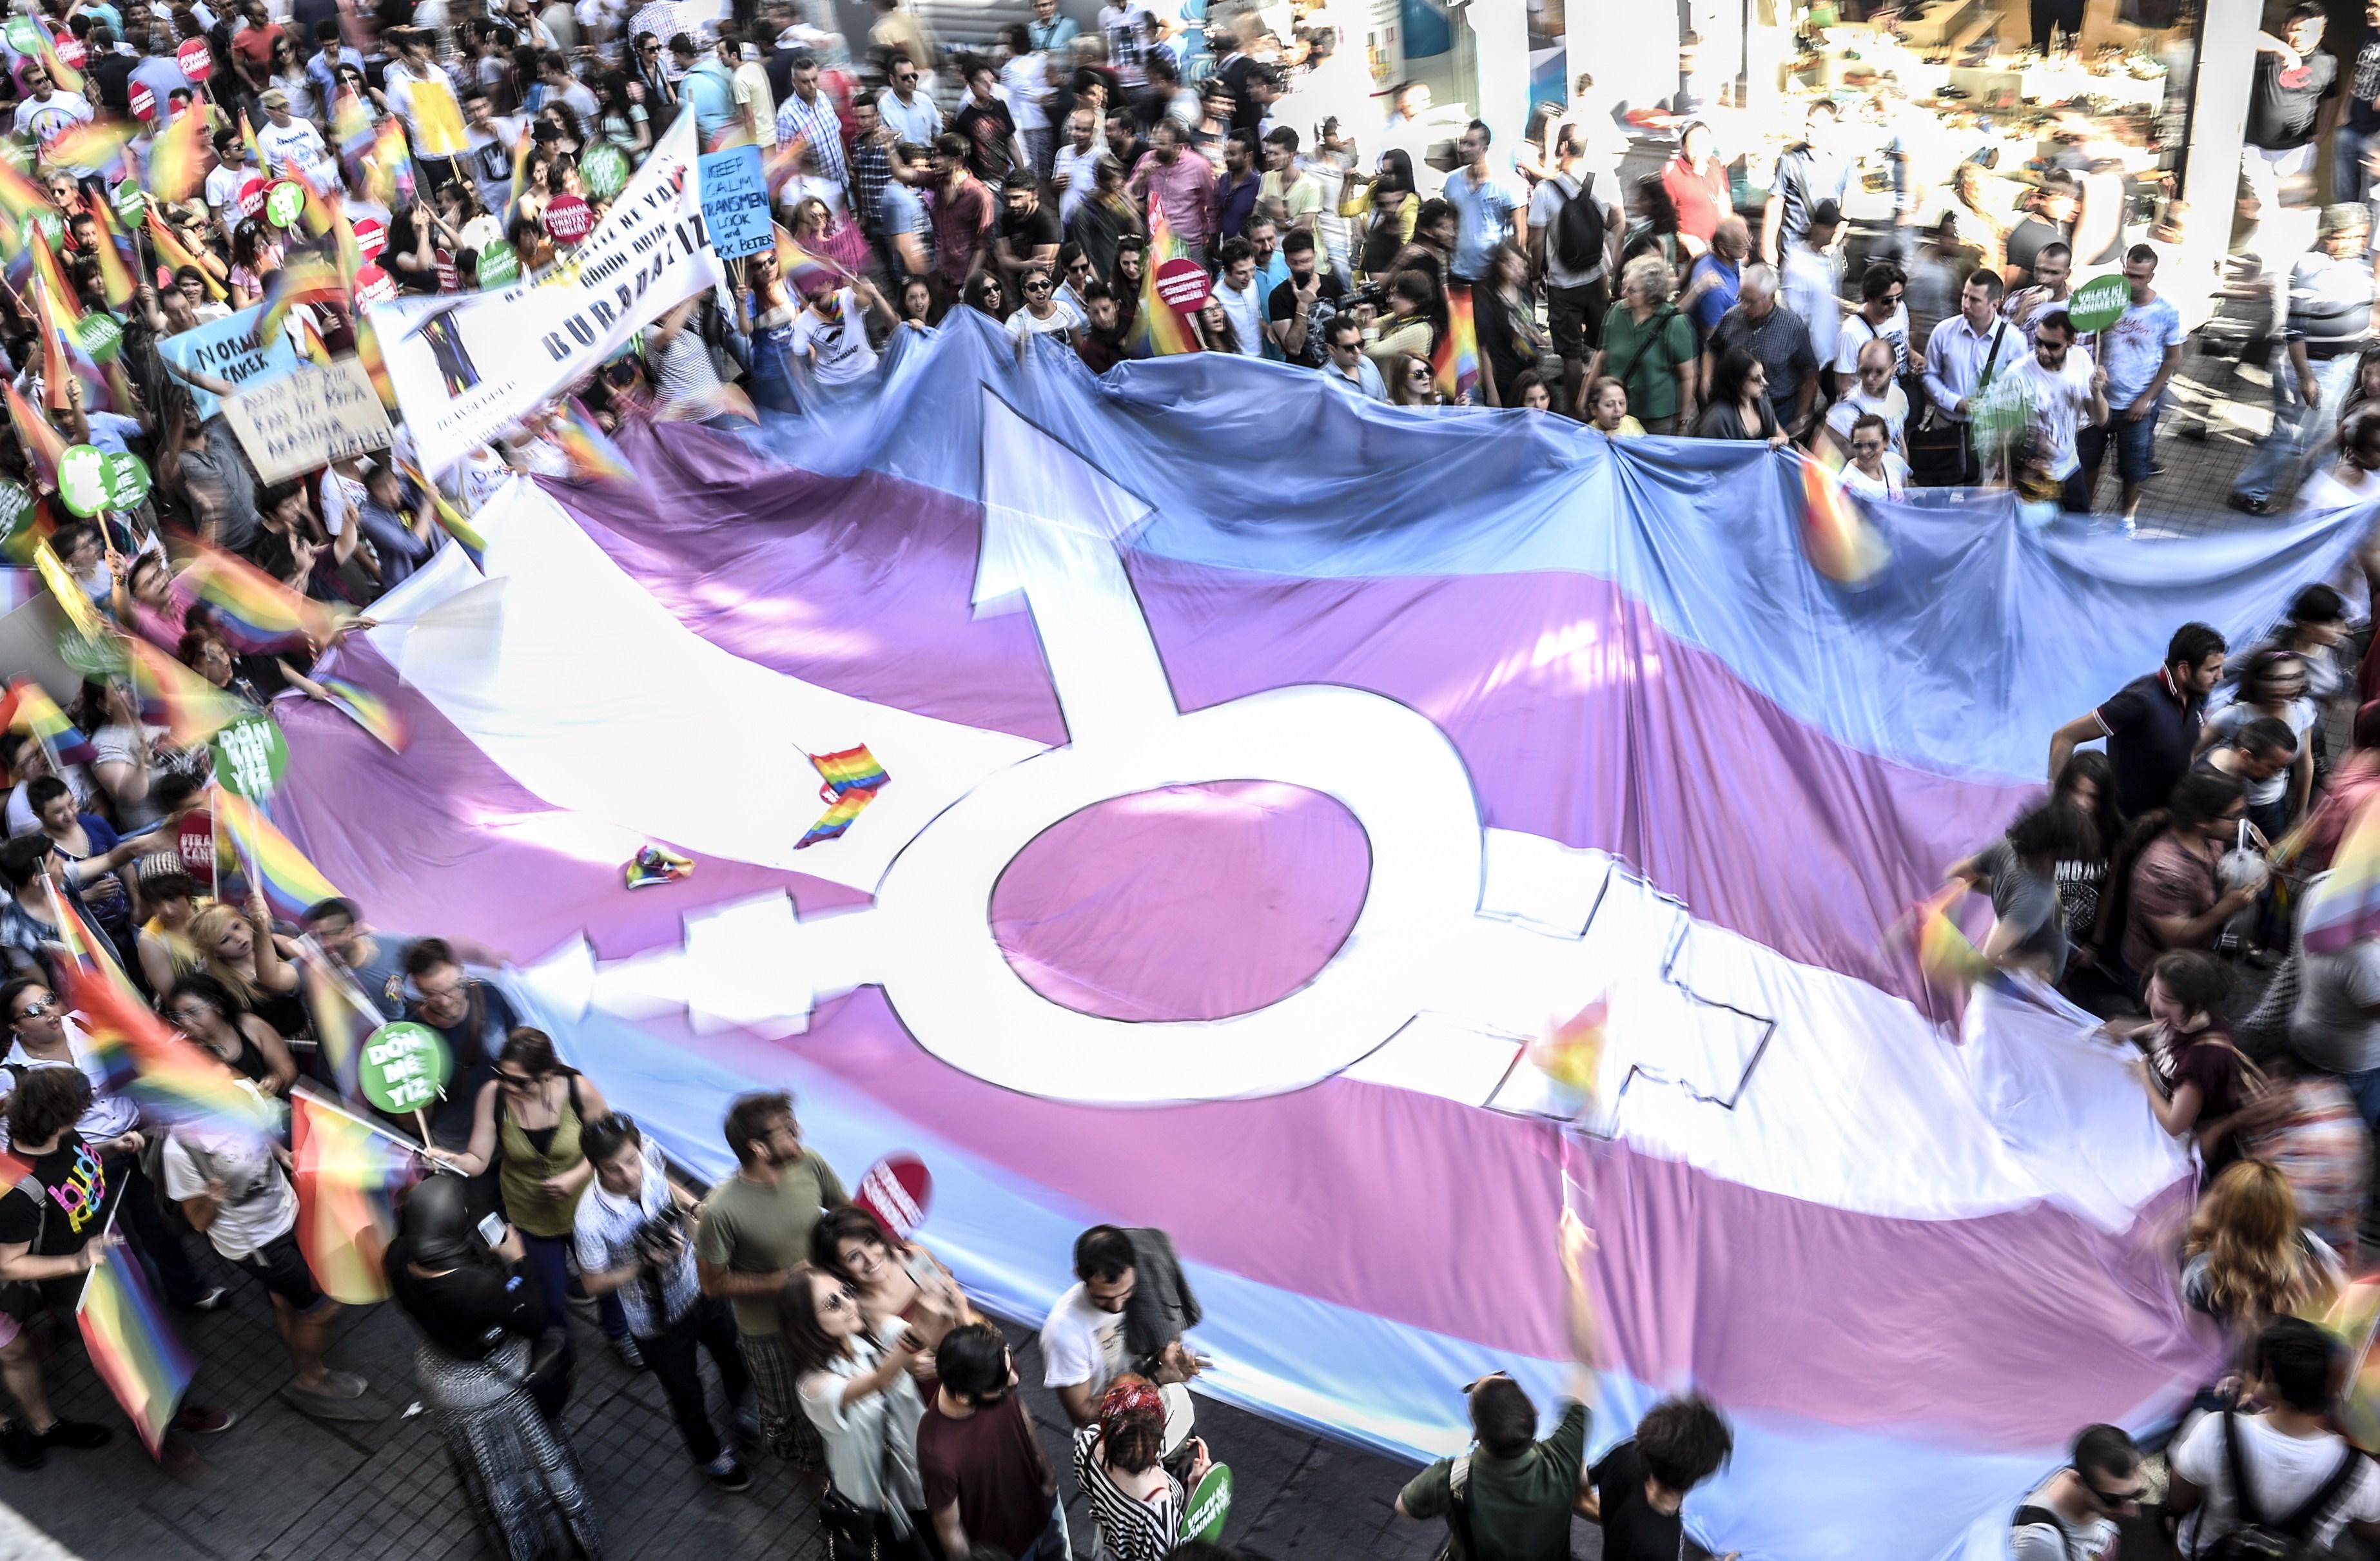 A transgender flag.